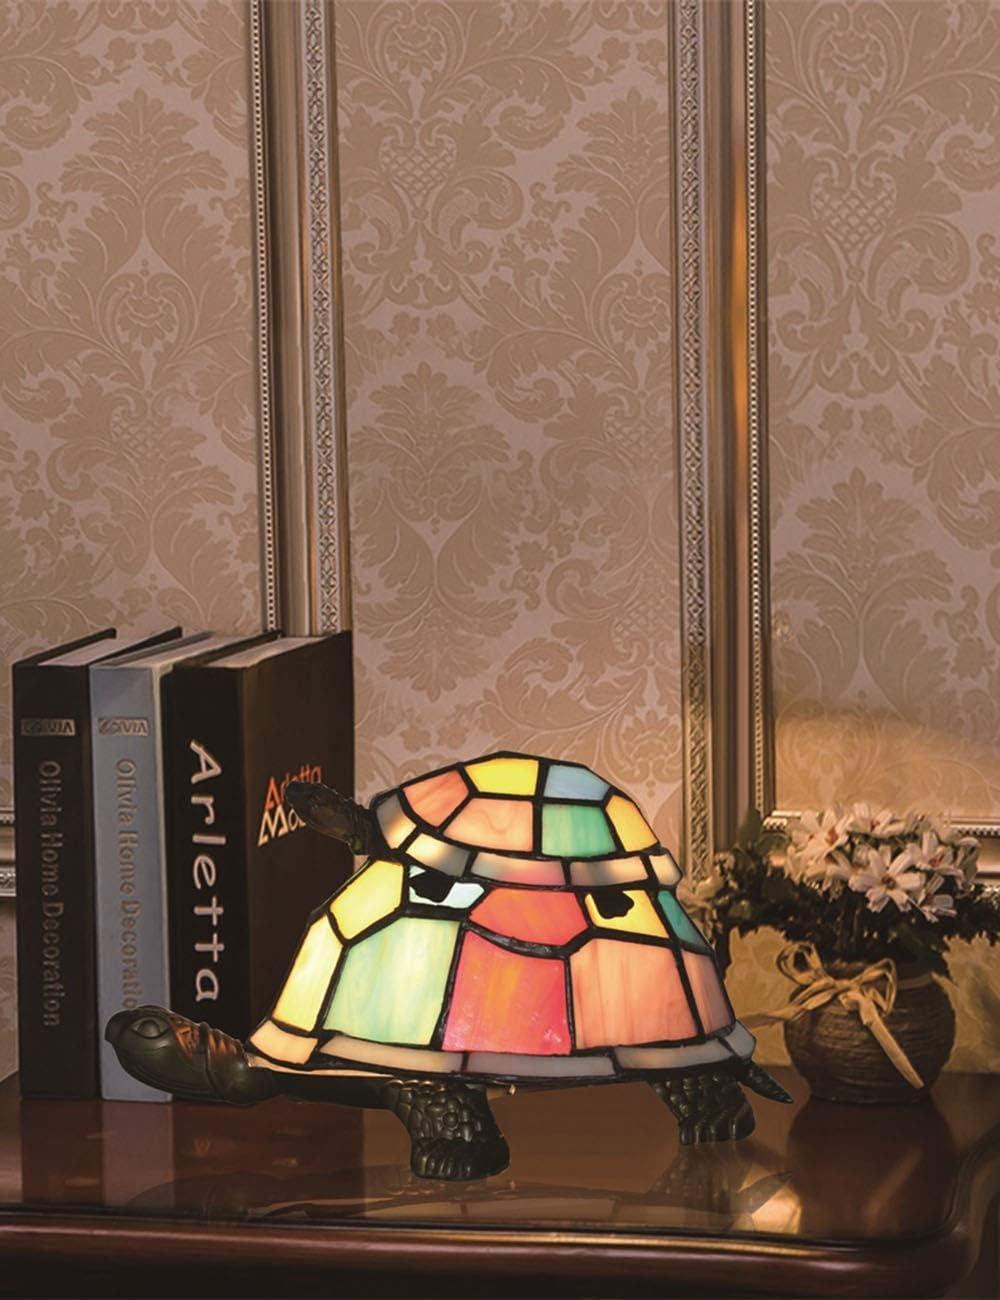 SINCESE@ Tiffany Estilo Europeo Creativo Colorido Madre y Niño Tortuga Tortuga Cuckold Lámpara de Mesa Lámpara de Regalo de Los Niños Luz de La Noche